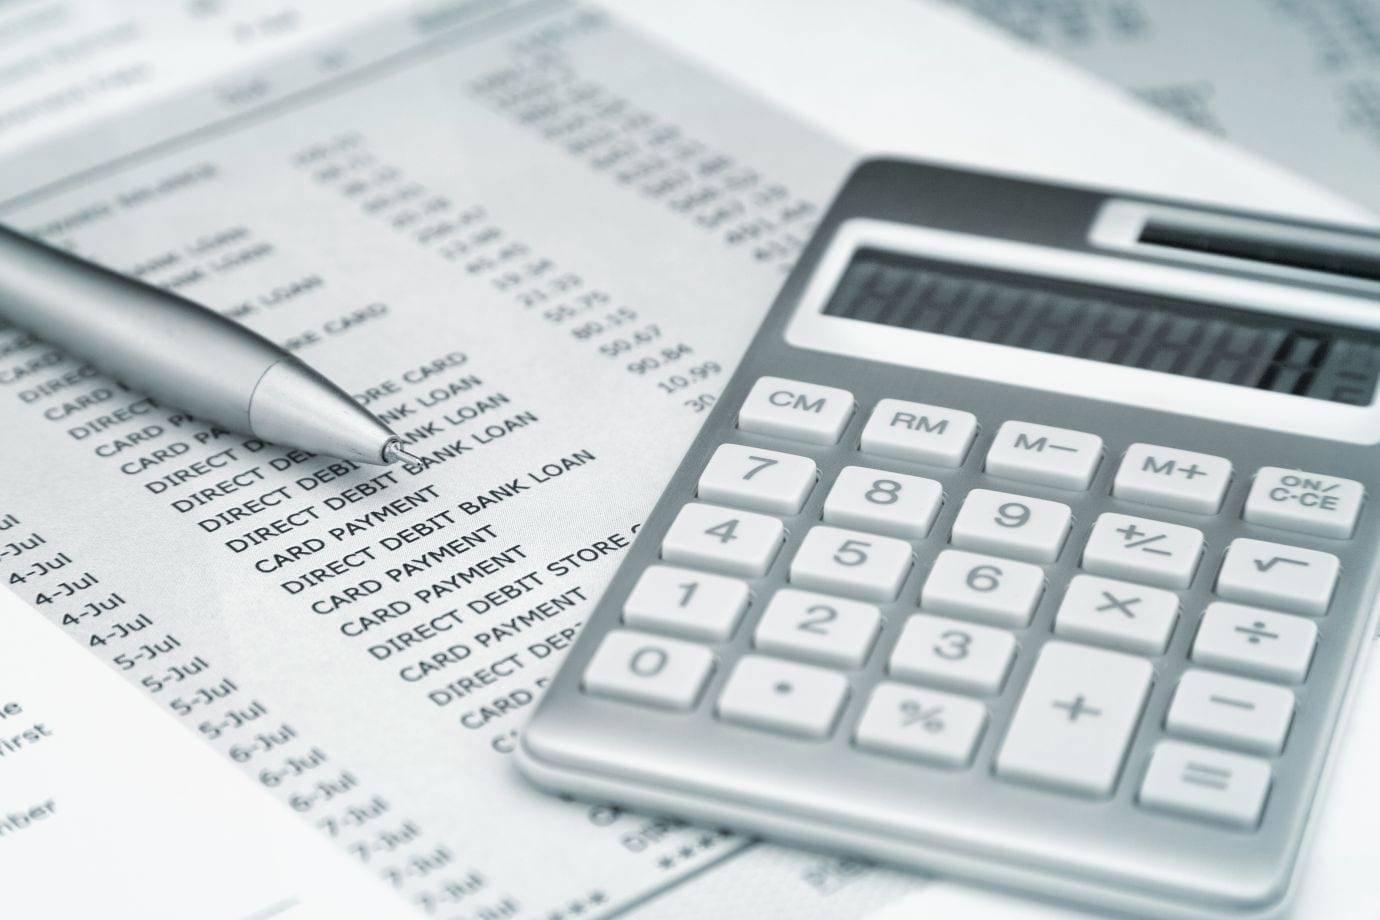 Как вычесть подоходный налог с зарплаты формула